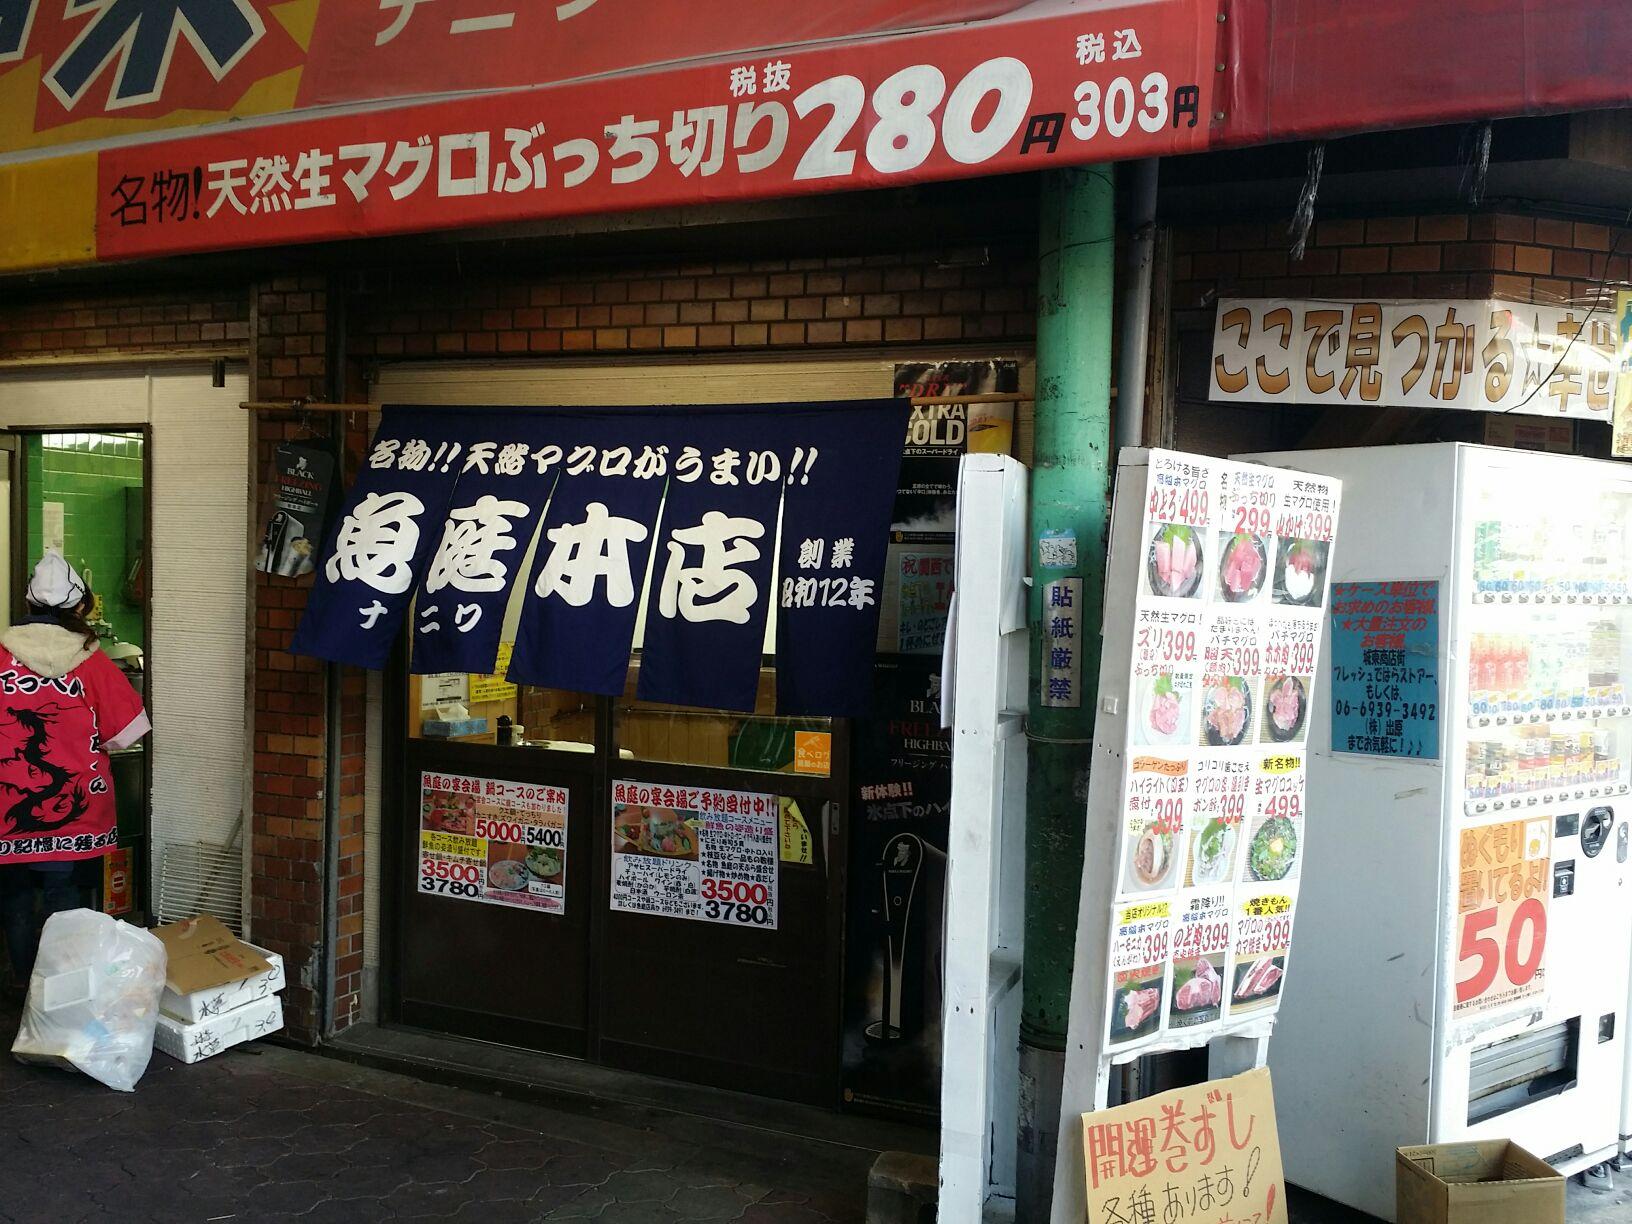 大阪市蒲生四丁目の魚庭